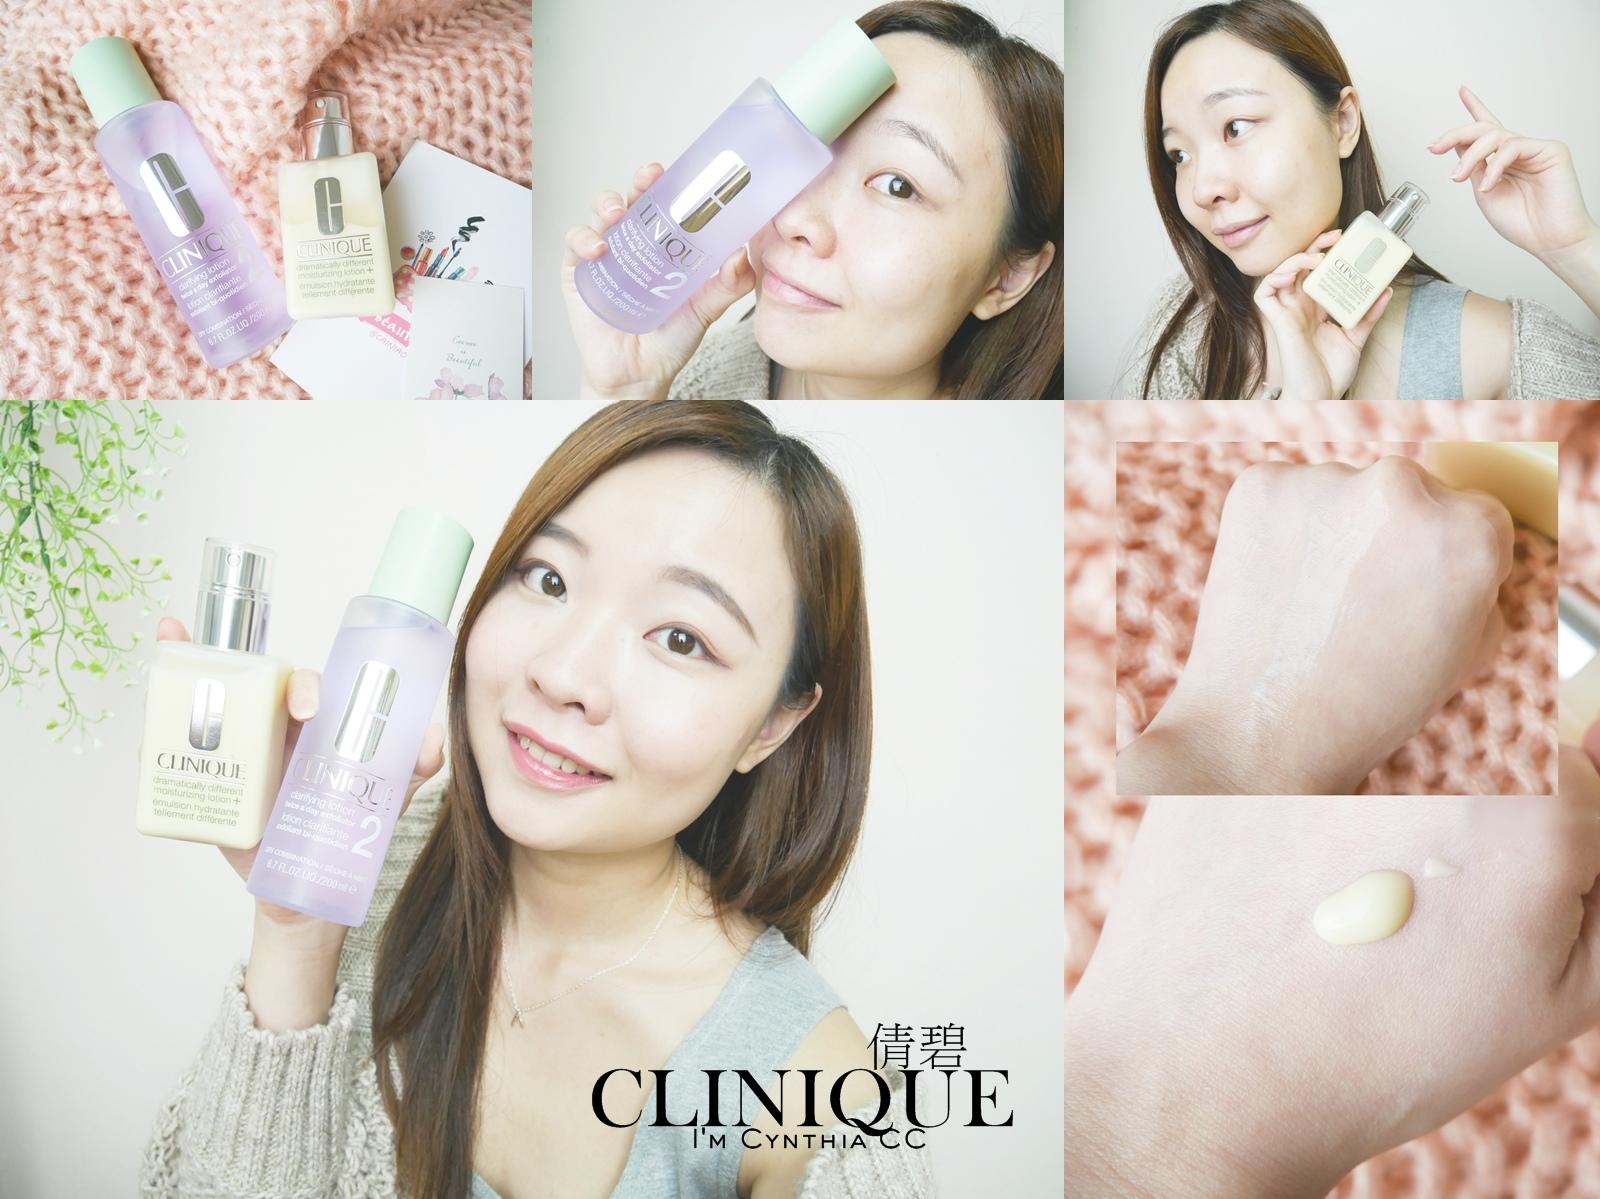 倩碧CLINIQUE經典三步驟溫和潔膚水2號&倩碧平衡修護奇蹟乳